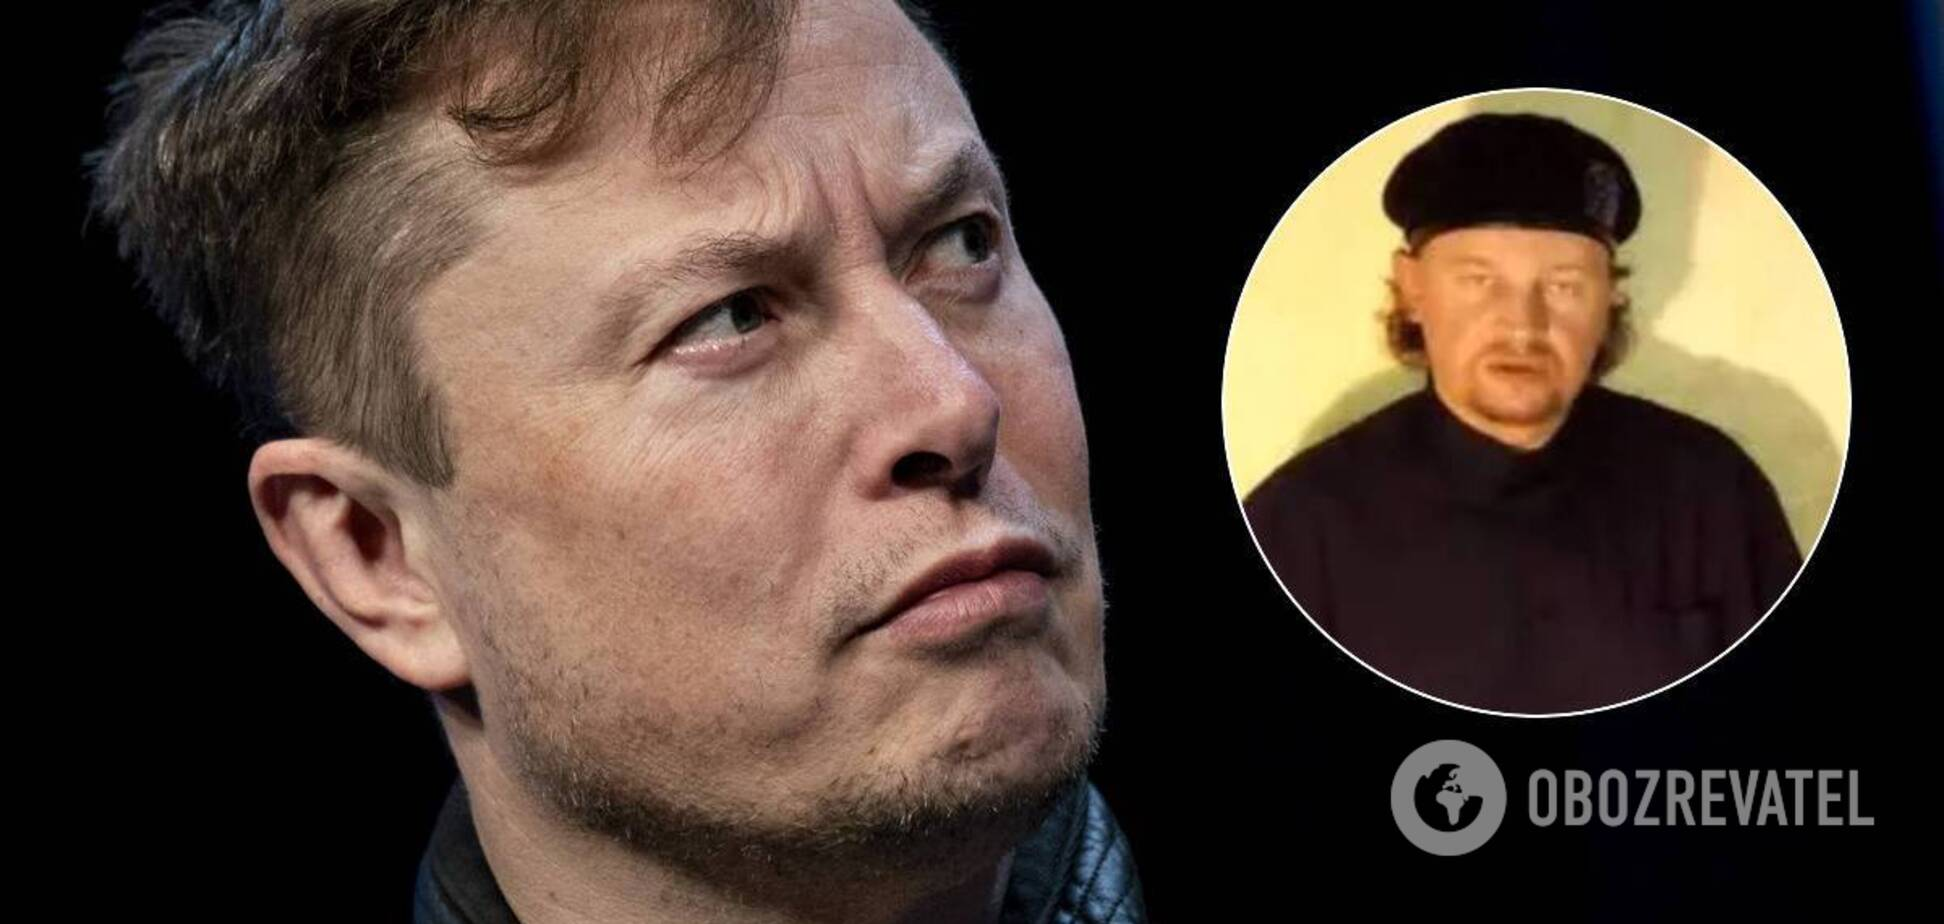 Илон Маск отреагировал на теракт в Луцке